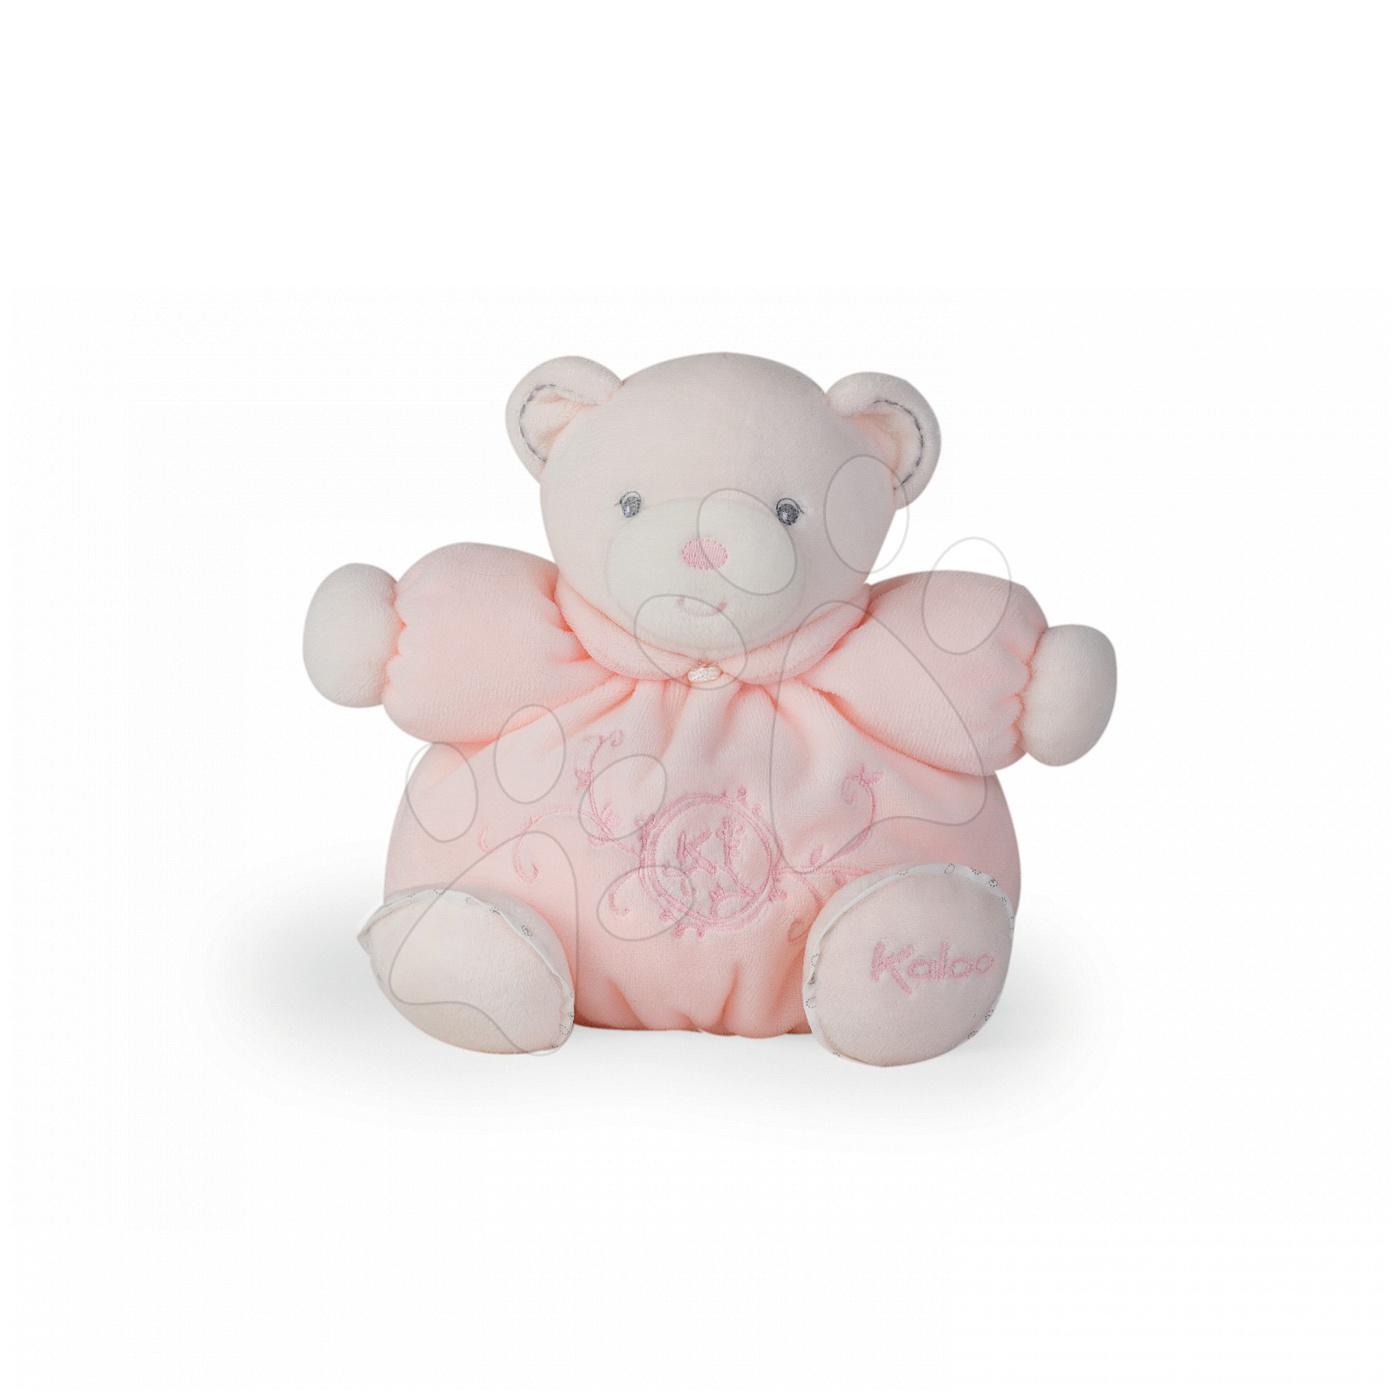 Plyšový medvídek Perle-Chubby Bear Kaloo 18 cm v dárkovém balení pro nejmenší růžový